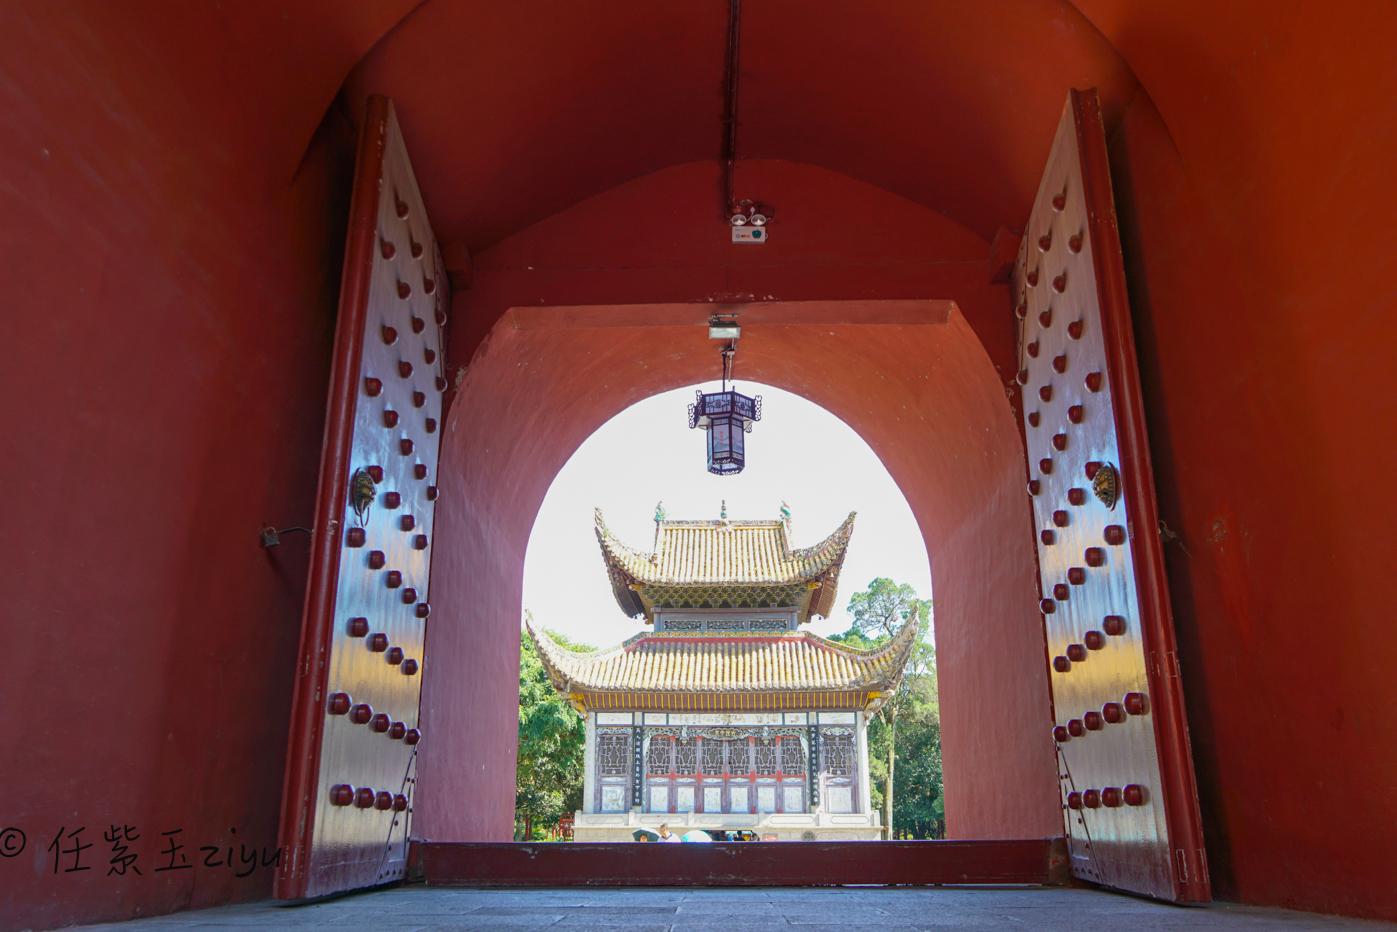 北有故宫,南有南岳,湖南南岳大庙是少有的儒、释、道三教共存的庙宇